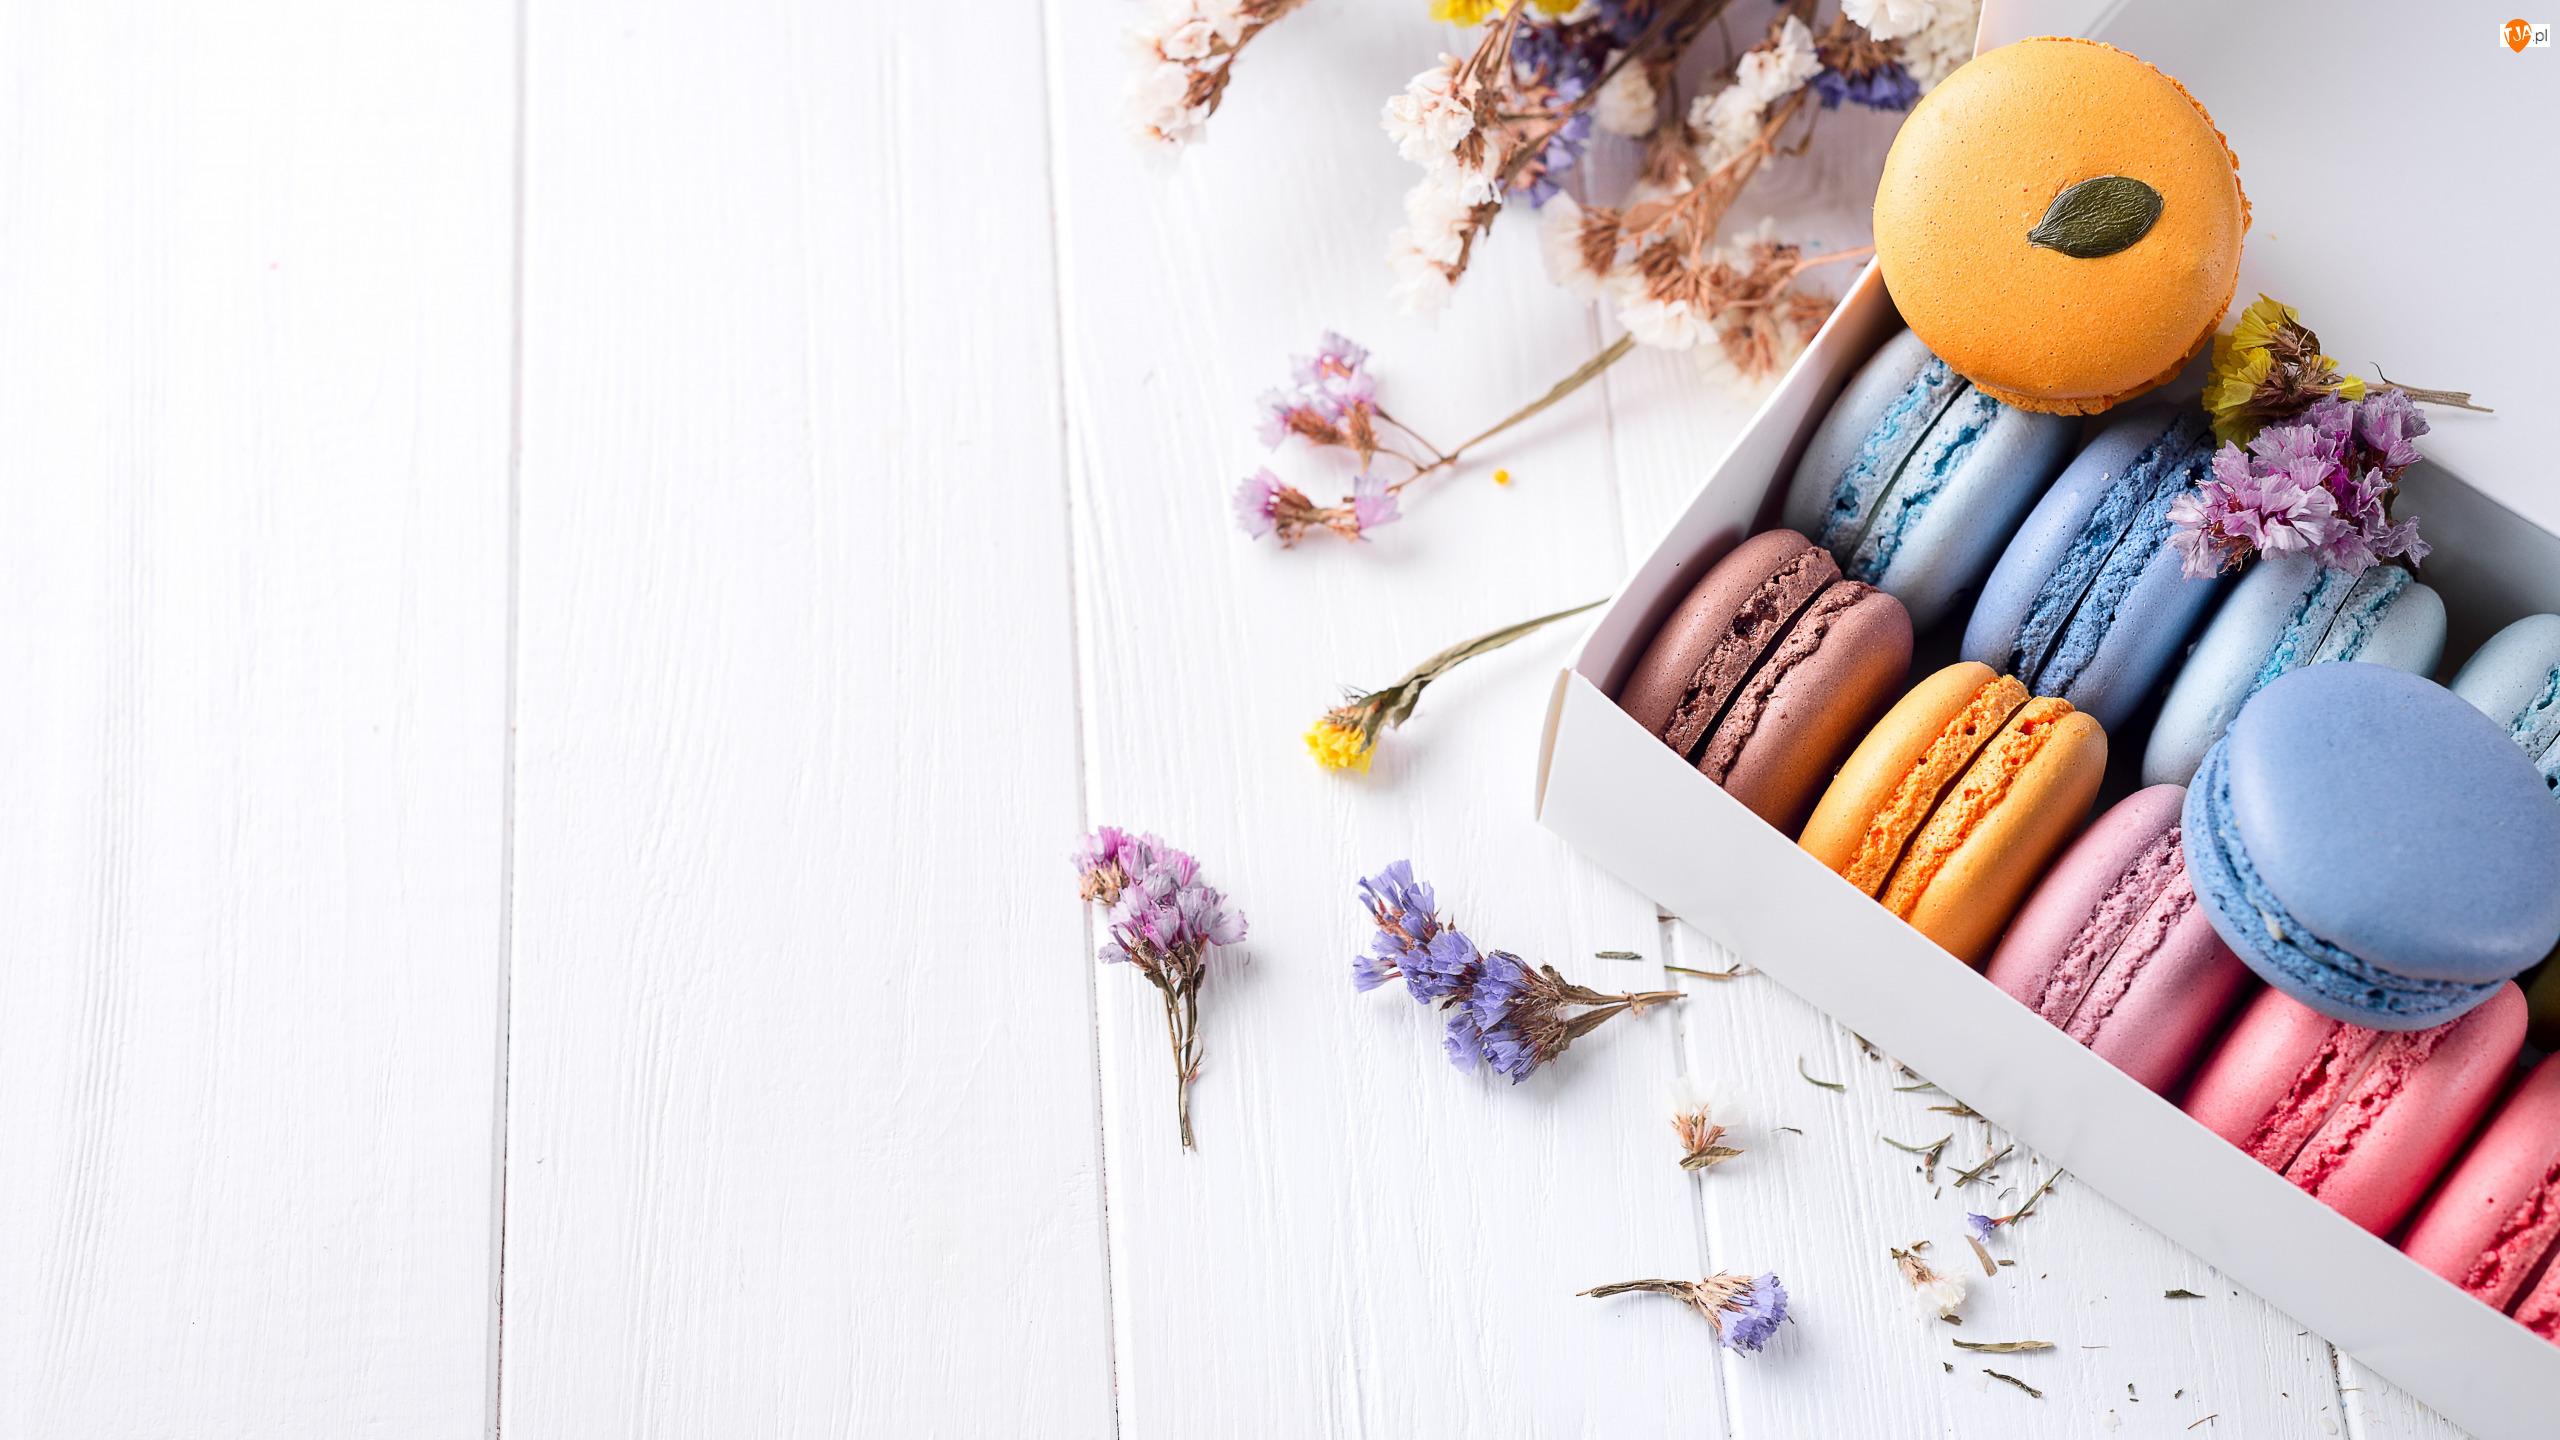 Kwiatki, Ciastka, Makaroniki, Pudełko